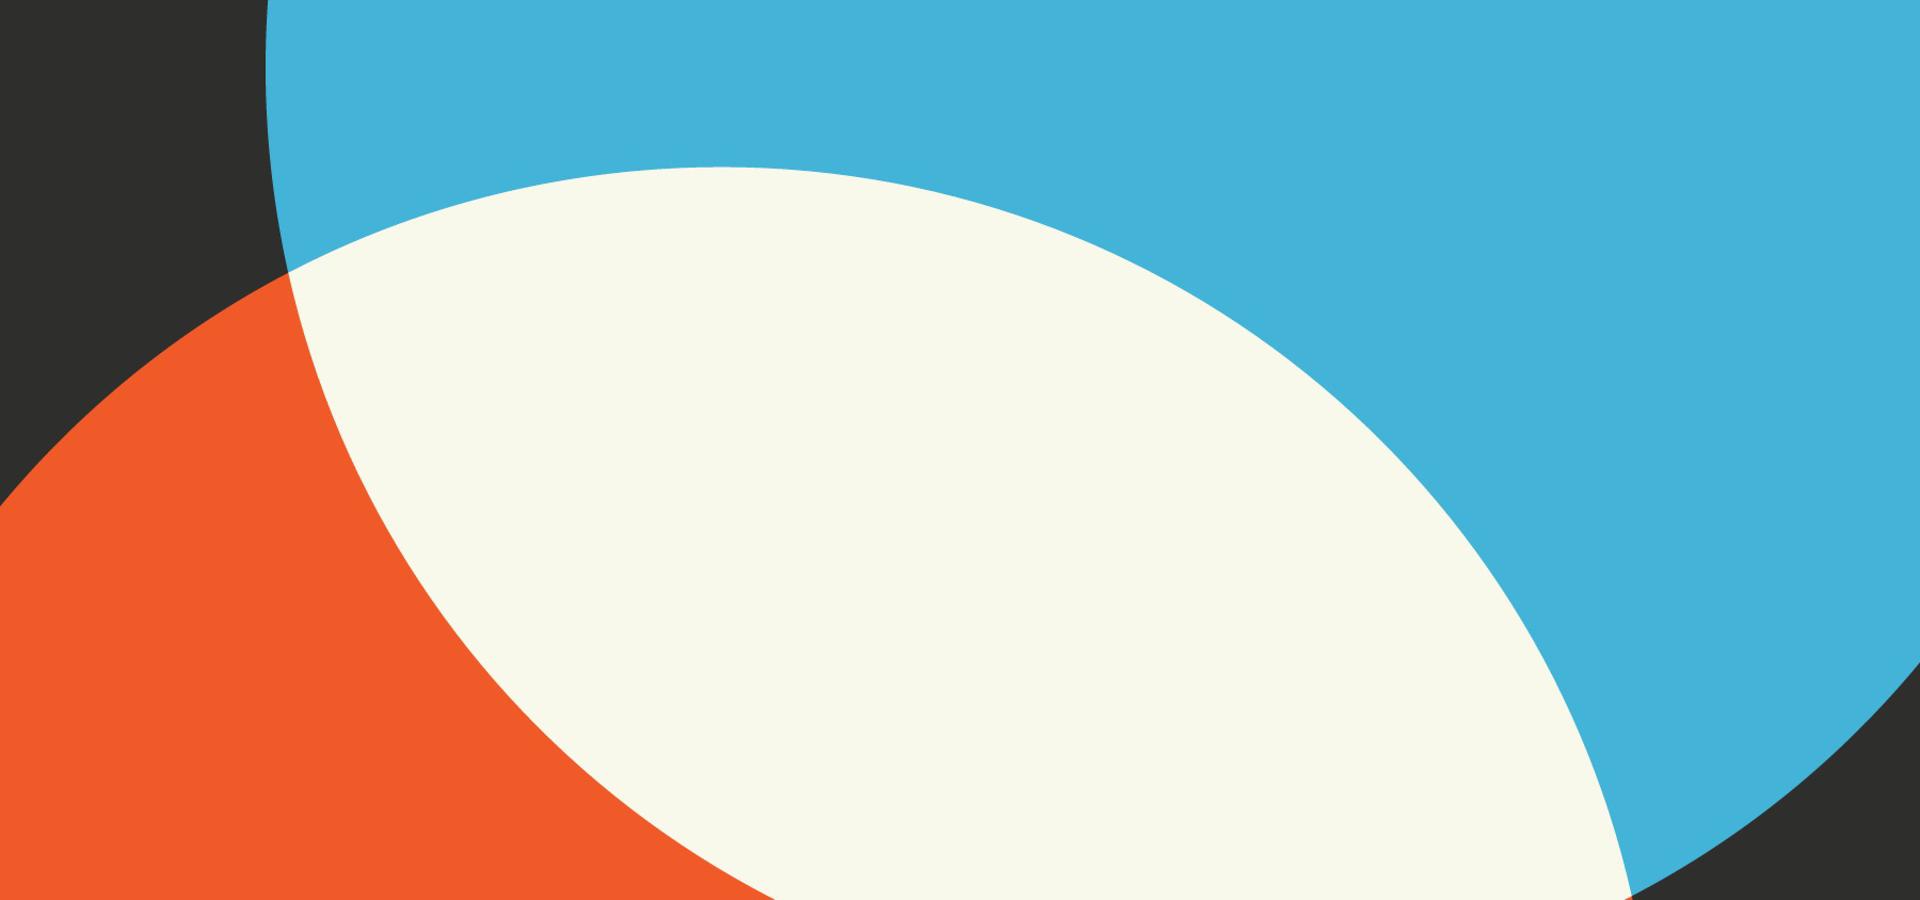 Antecedentes Geométricos Simples Color Azul Y Rojo Blanco